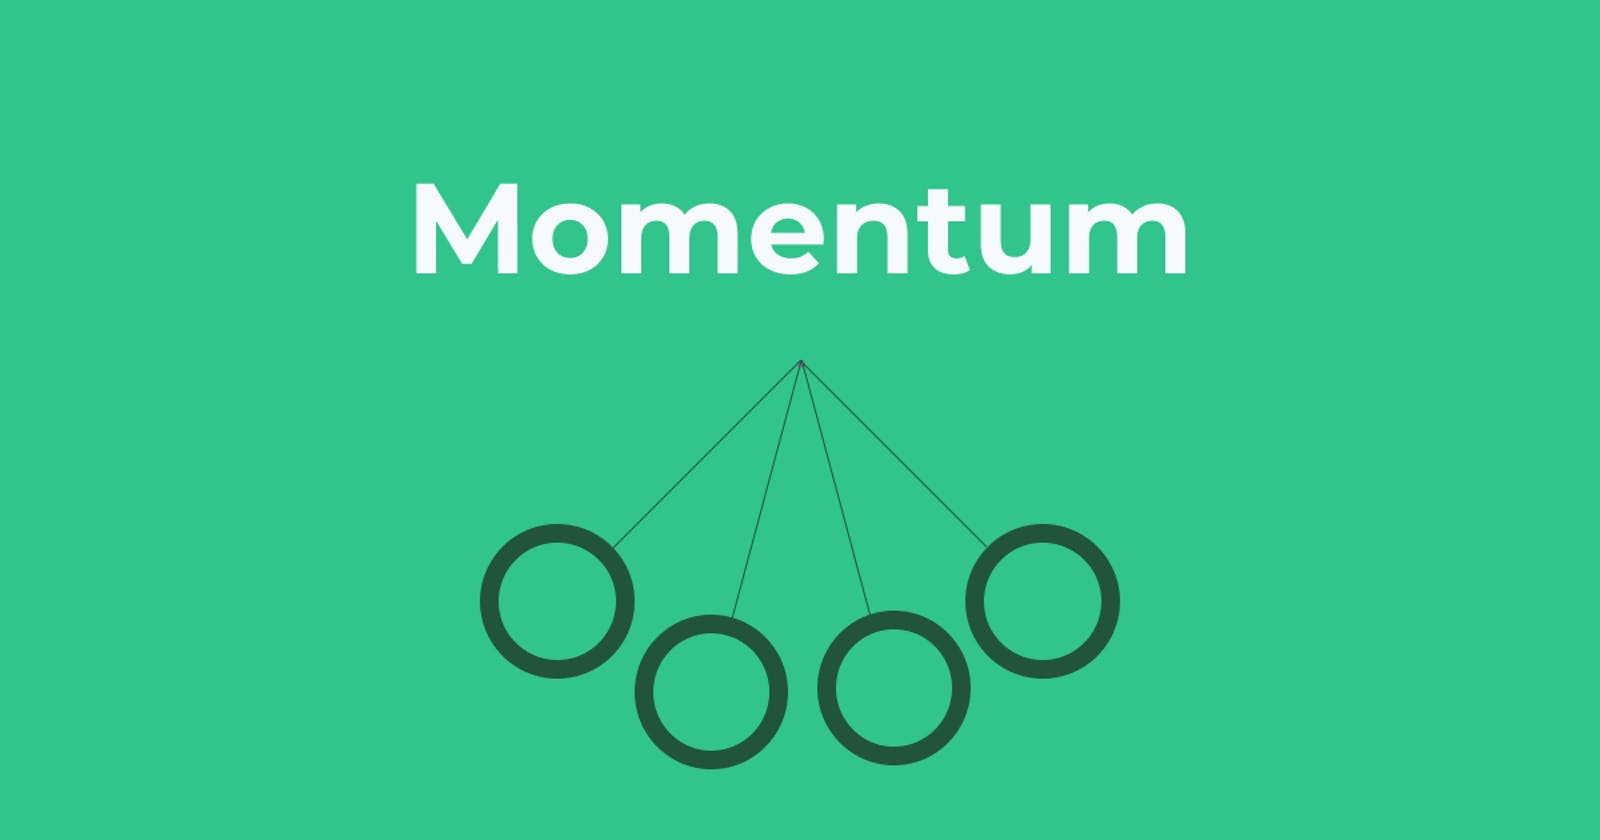 Le momentum : donnez l'impulsion nécessaire à vos objectifs